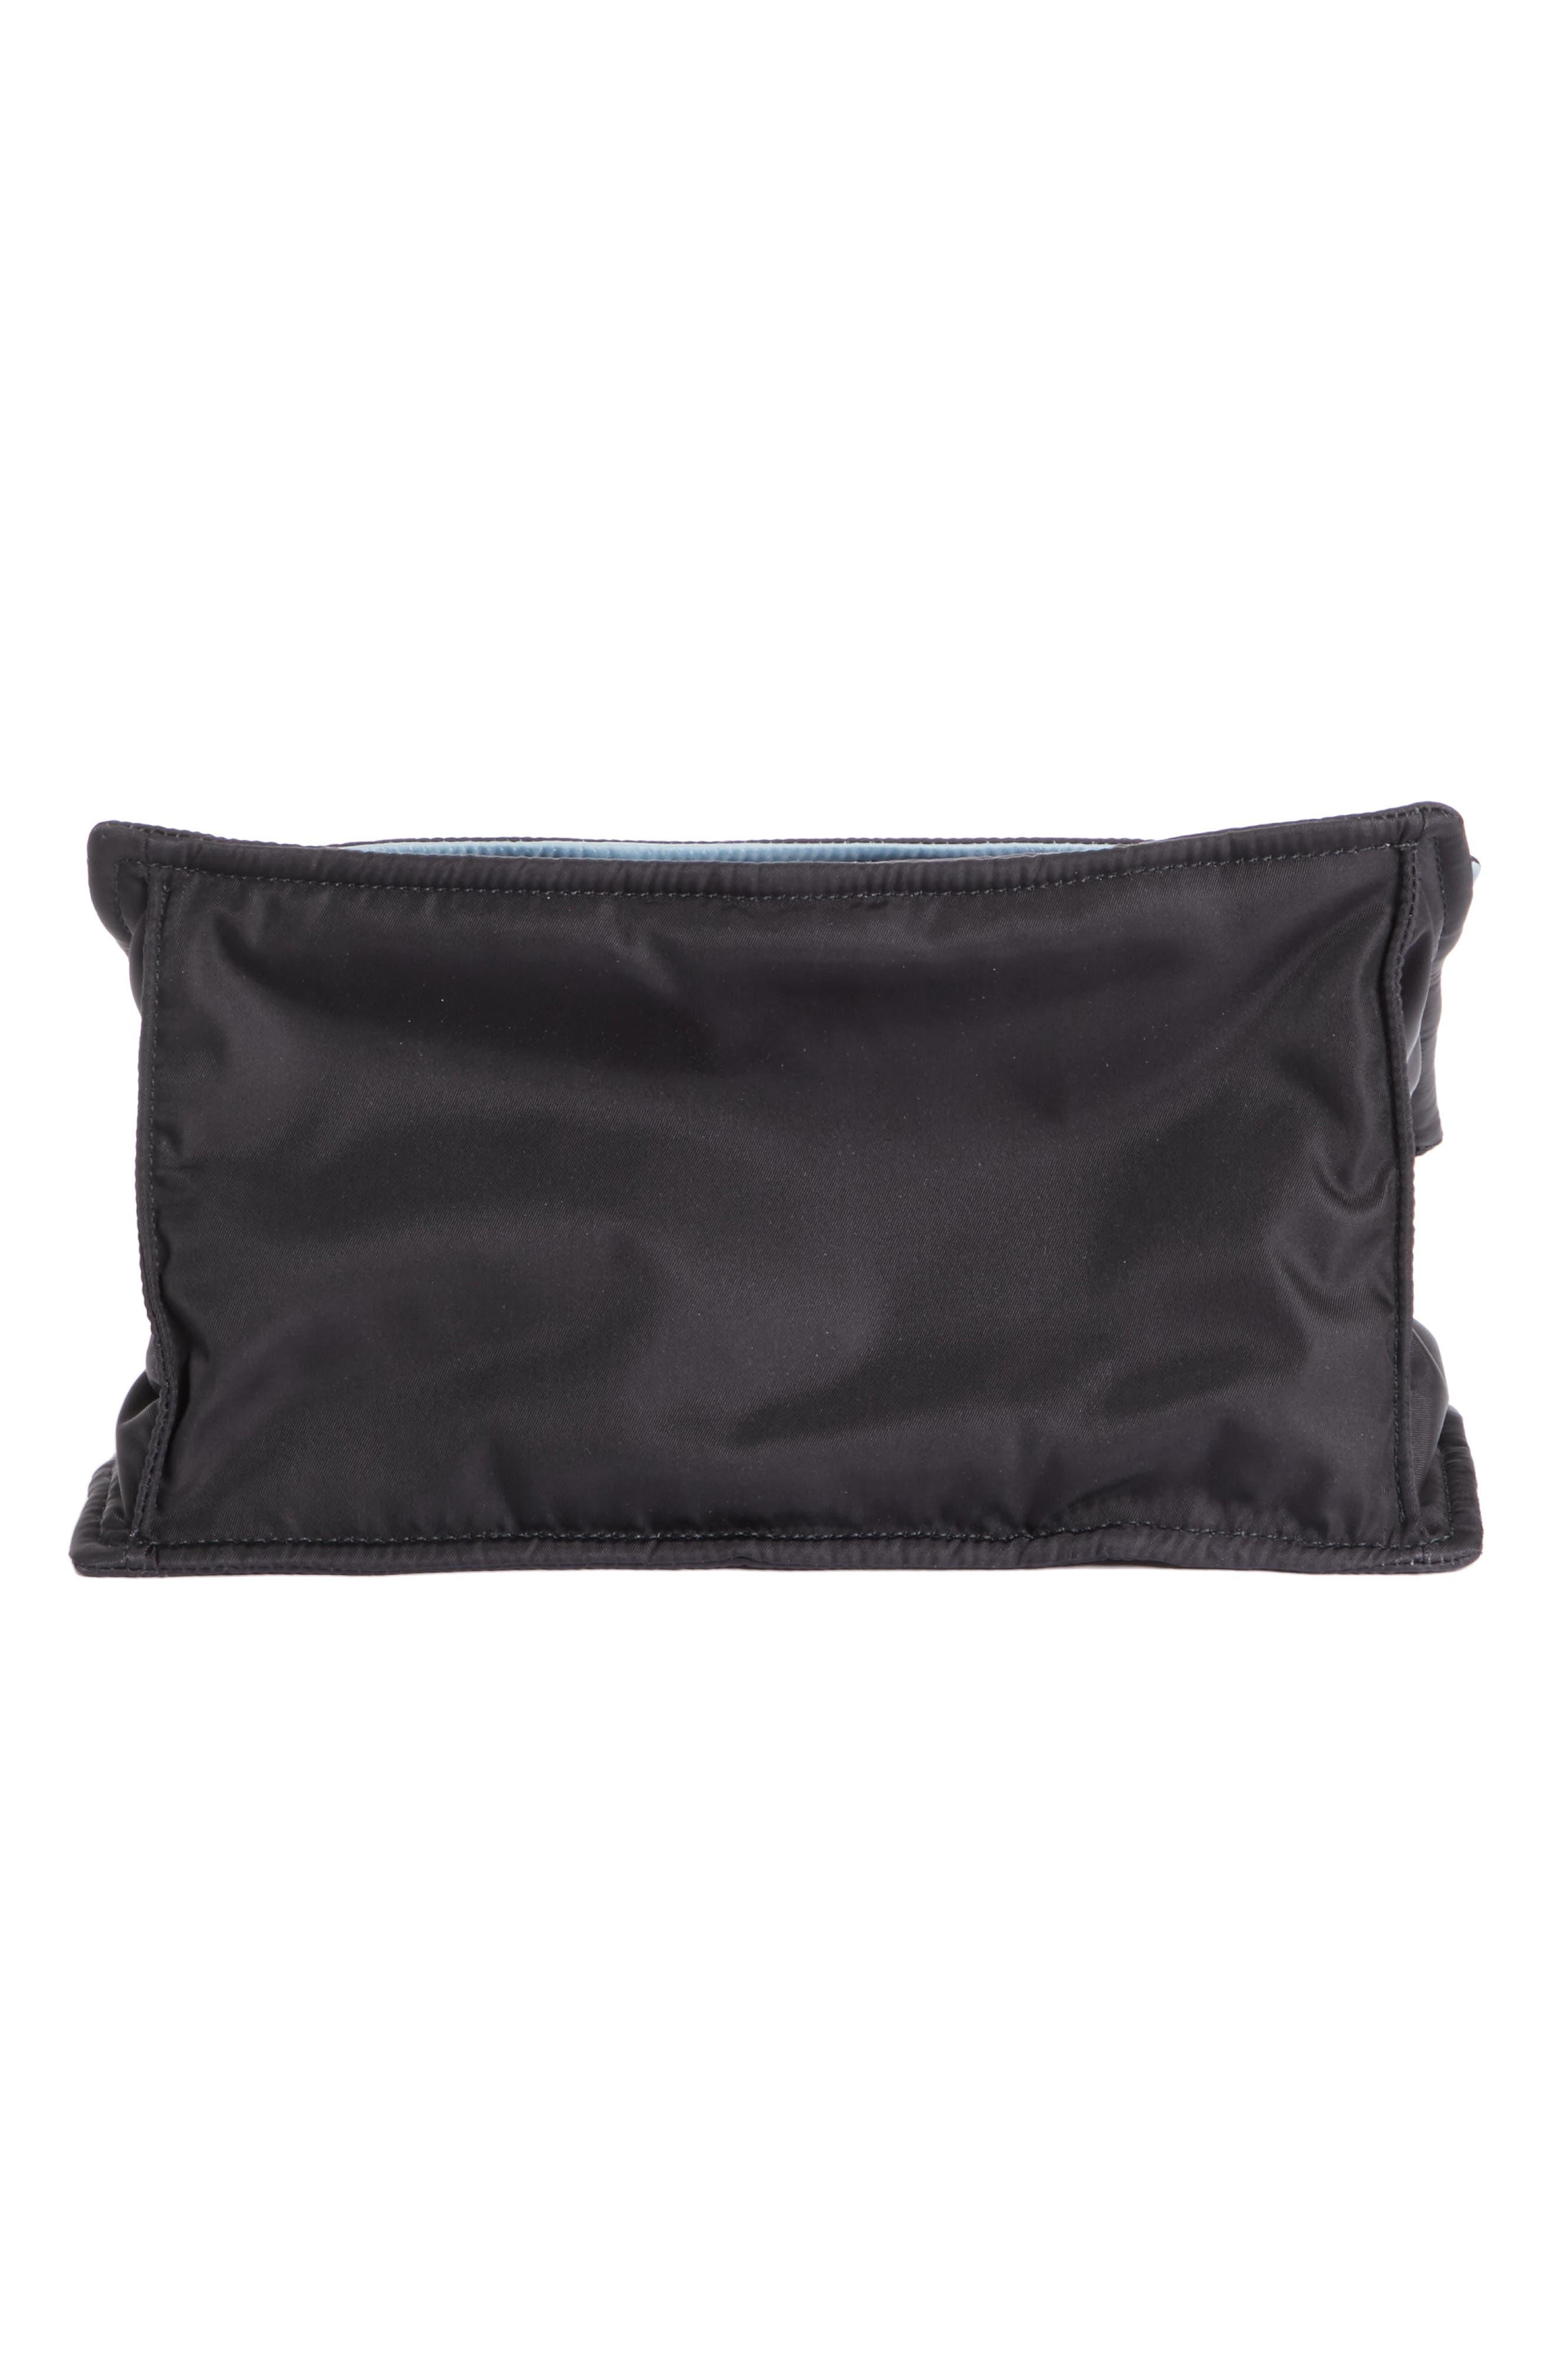 Medium Etiquette Tessuto Bag,                             Alternate thumbnail 6, color,                             001